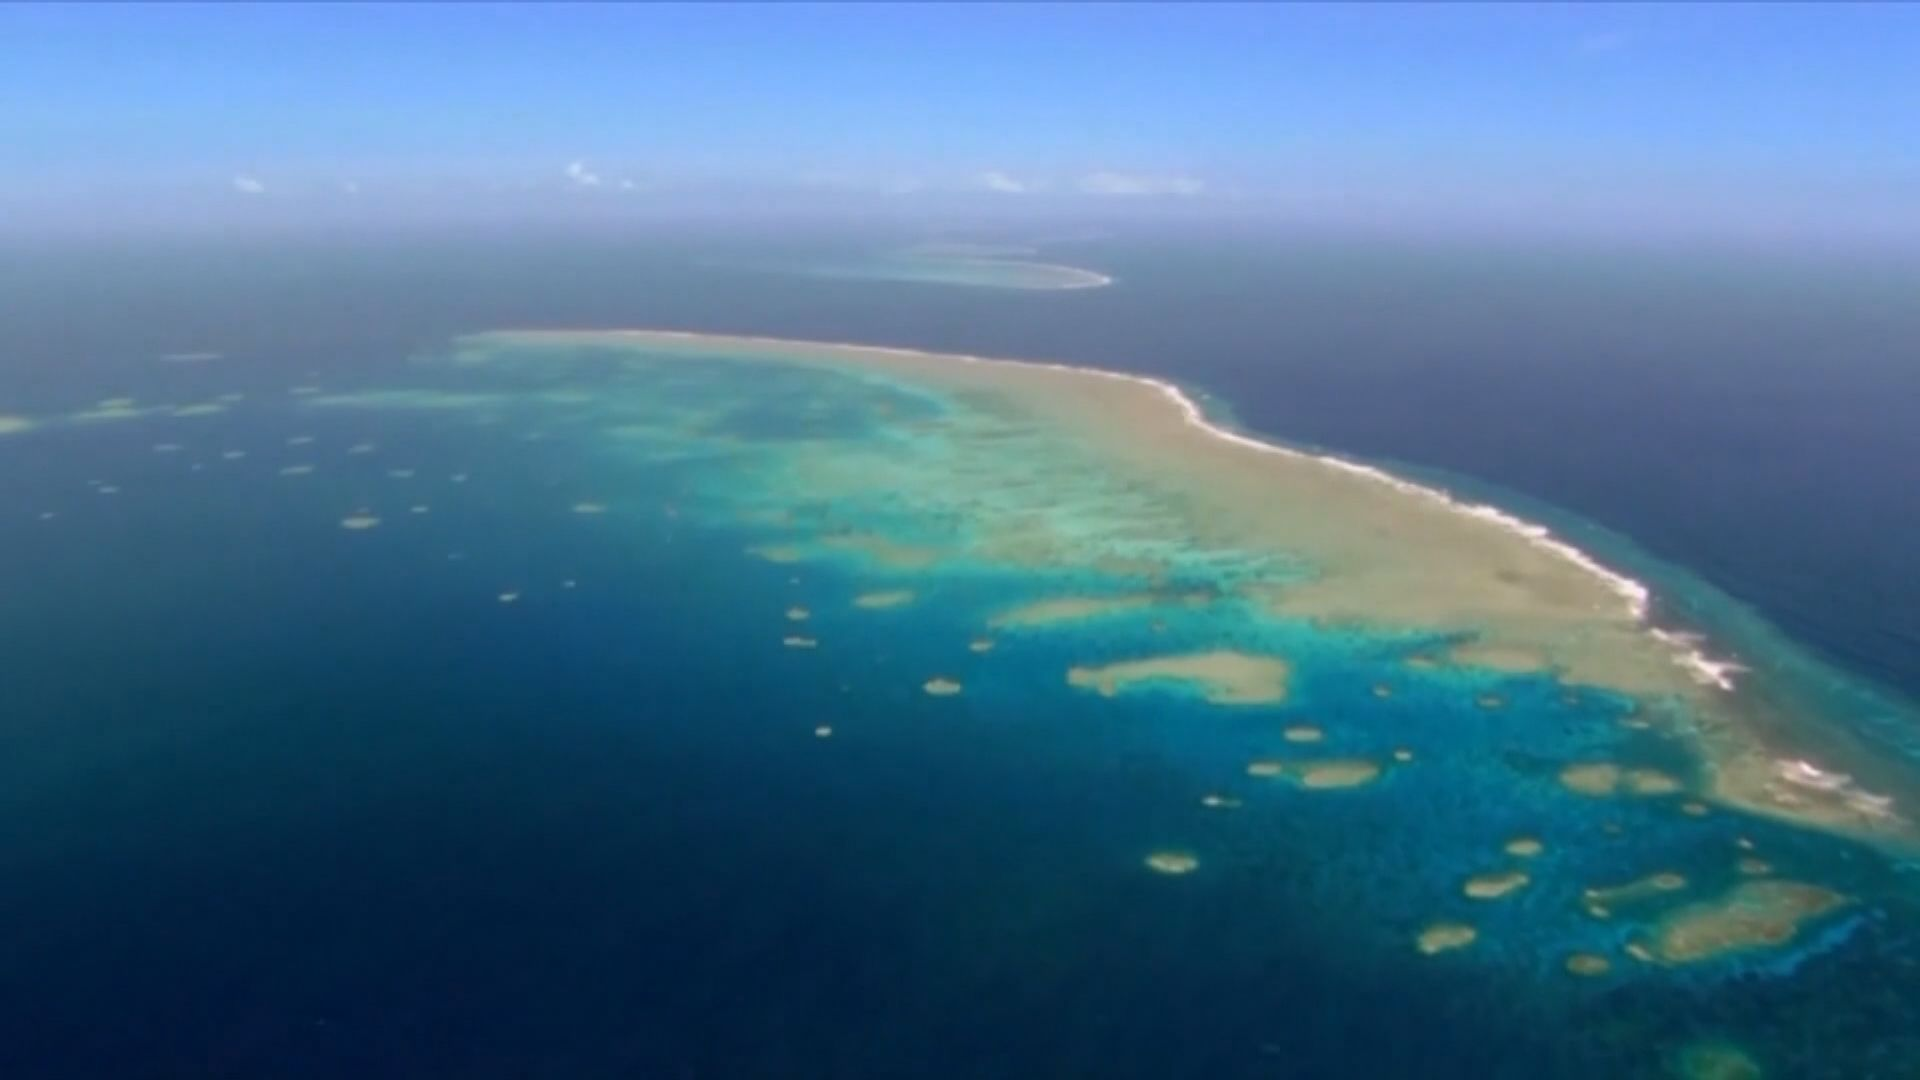 美國向涉南海爭議中國個人施新制裁 中海油列實體清單